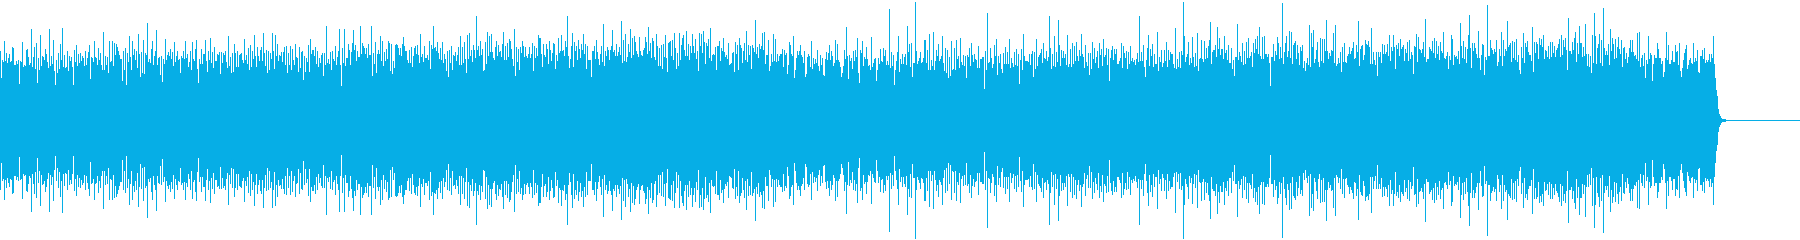 追跡、調査のシーン/エレクトロの再生済みの波形